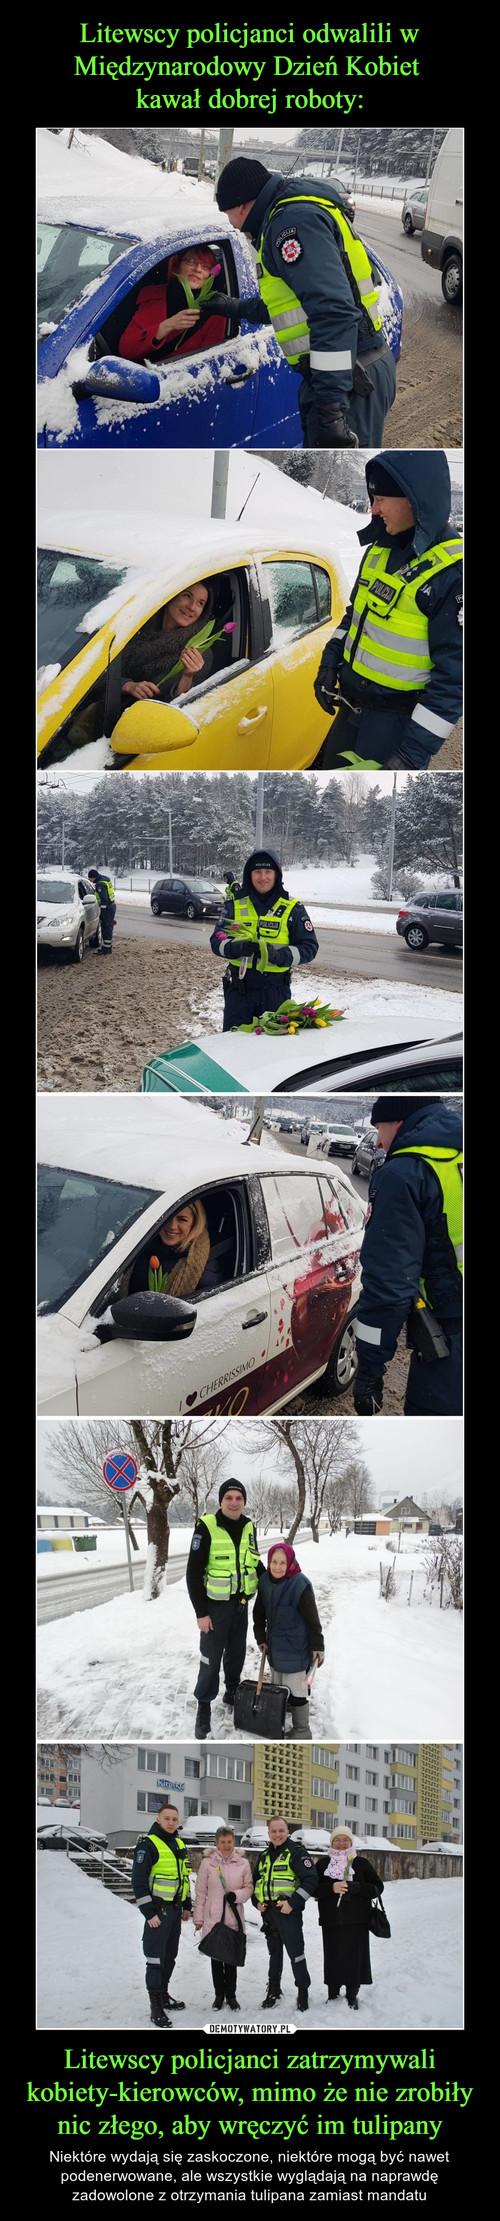 Litewscy policjanci odwalili w Międzynarodowy Dzień Kobiet  kawał dobrej roboty: Litewscy policjanci zatrzymywali kobiety-kierowców, mimo że nie zrobiły nic złego, aby wręczyć im tulipany